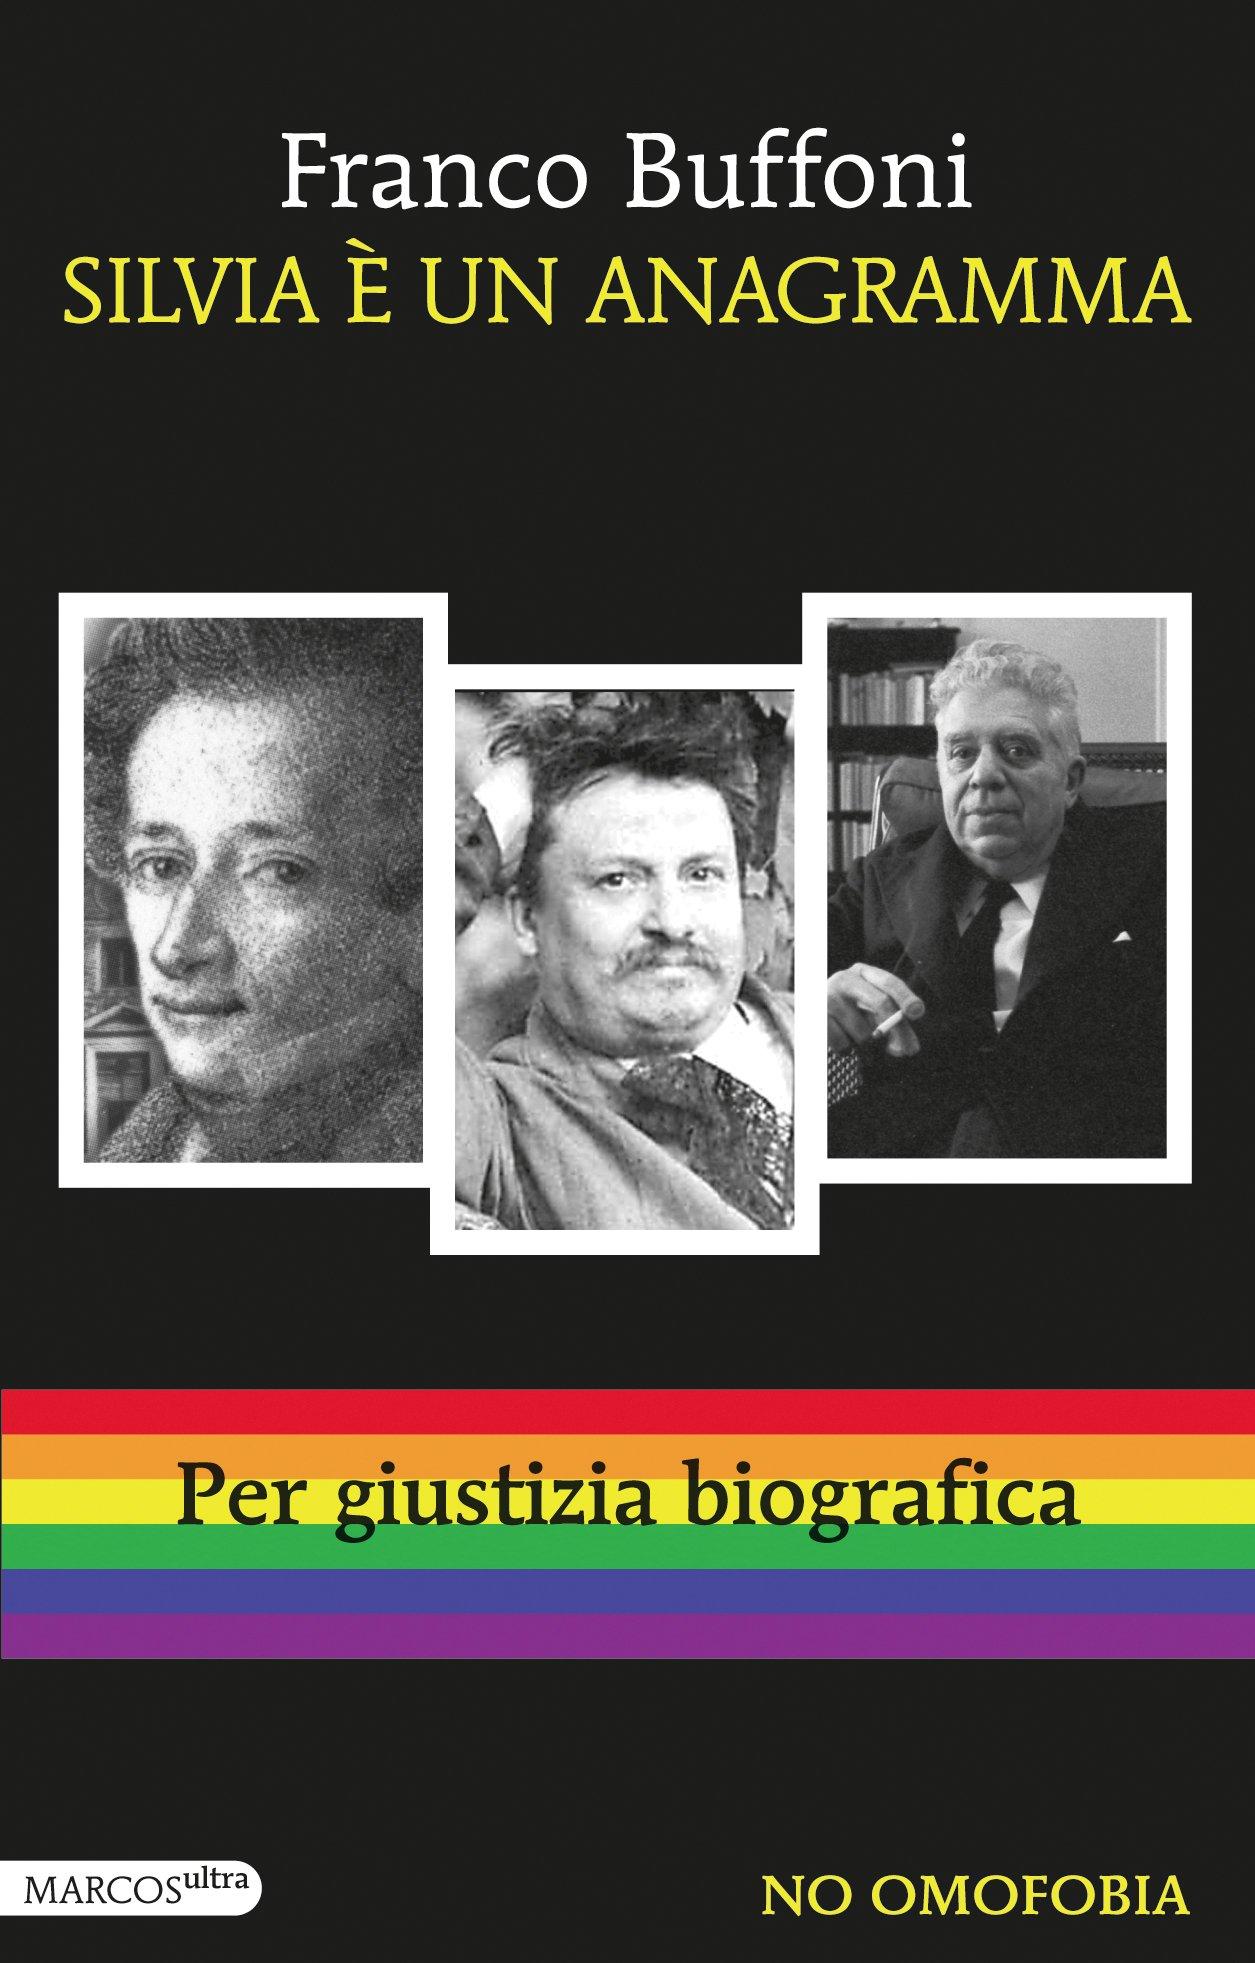 Silvia è un anagramma – Franco Buffoni